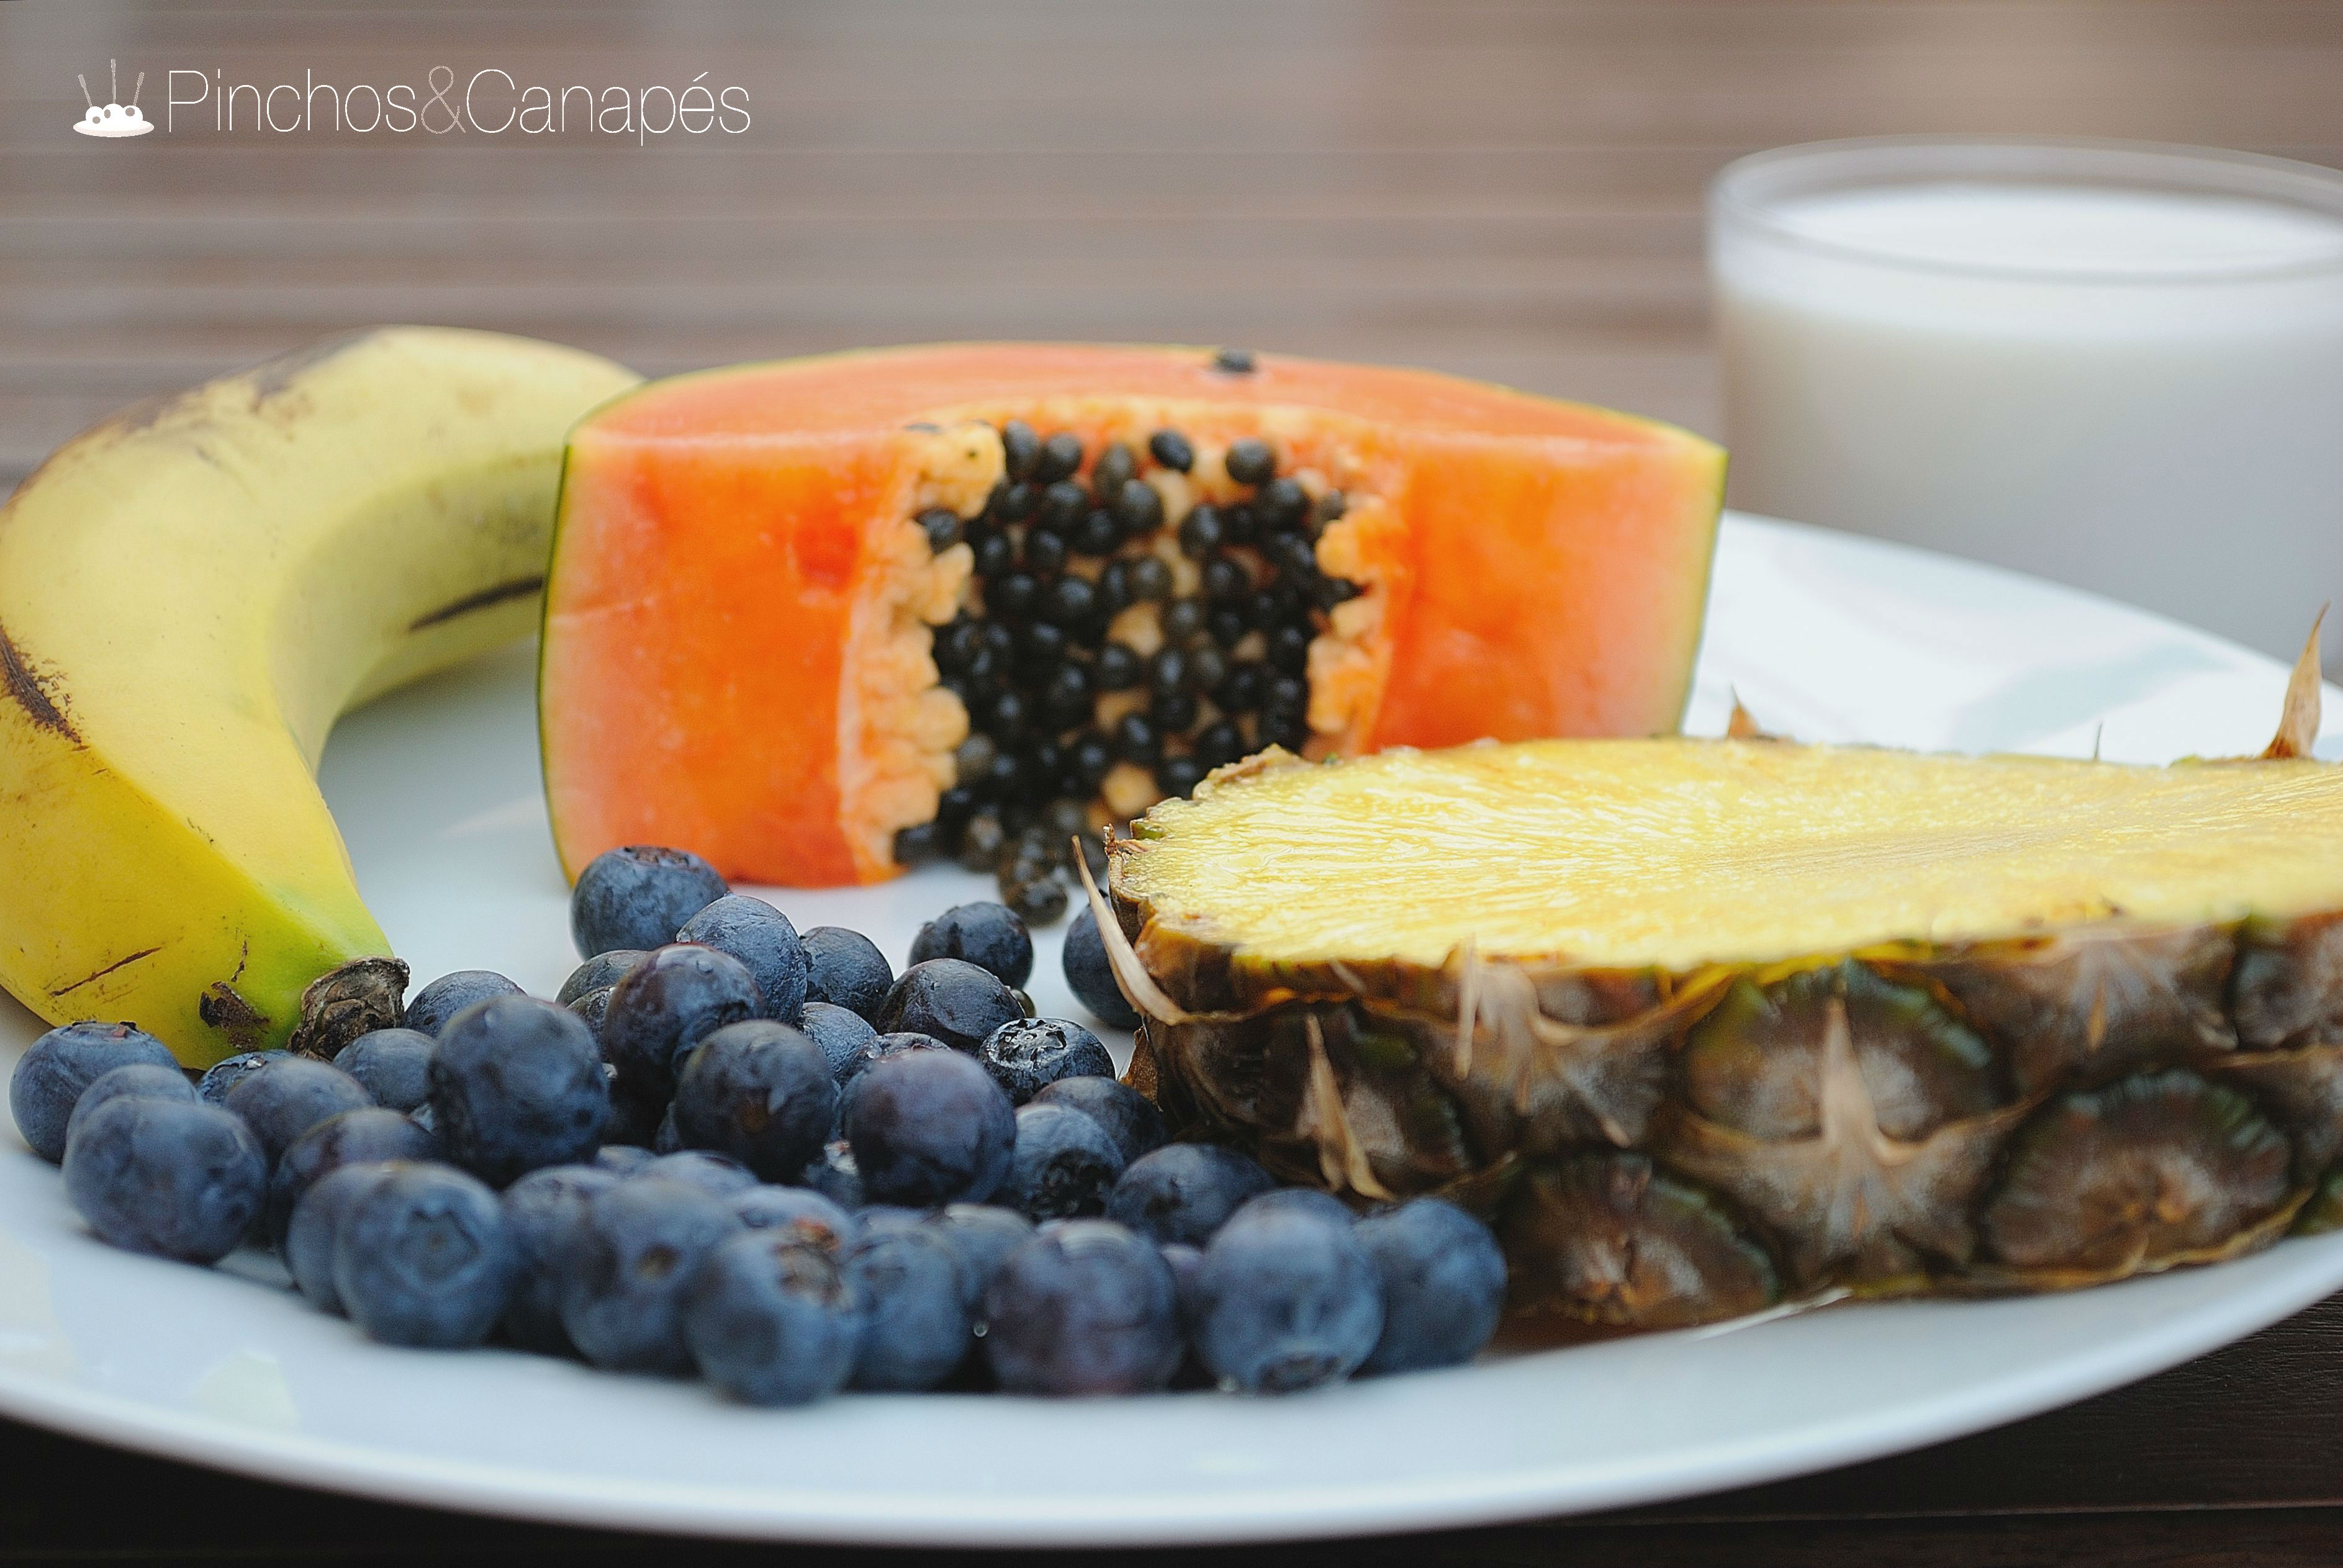 frutabatidossaludables